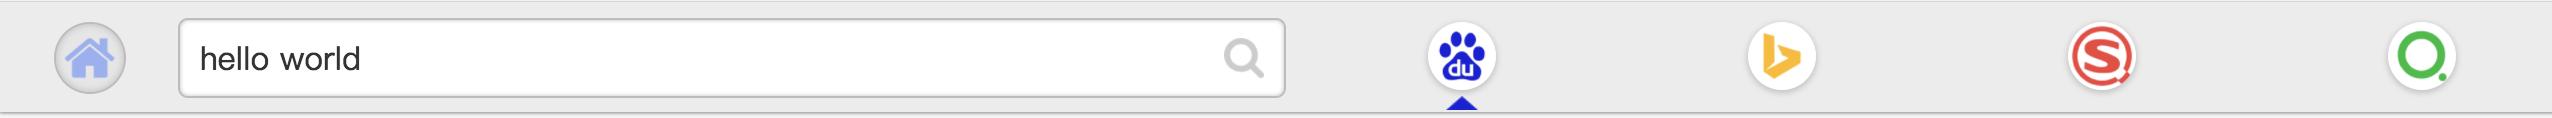 哪个网站:众多网址导航中,哪个最好?理由是什么?-U9SEO